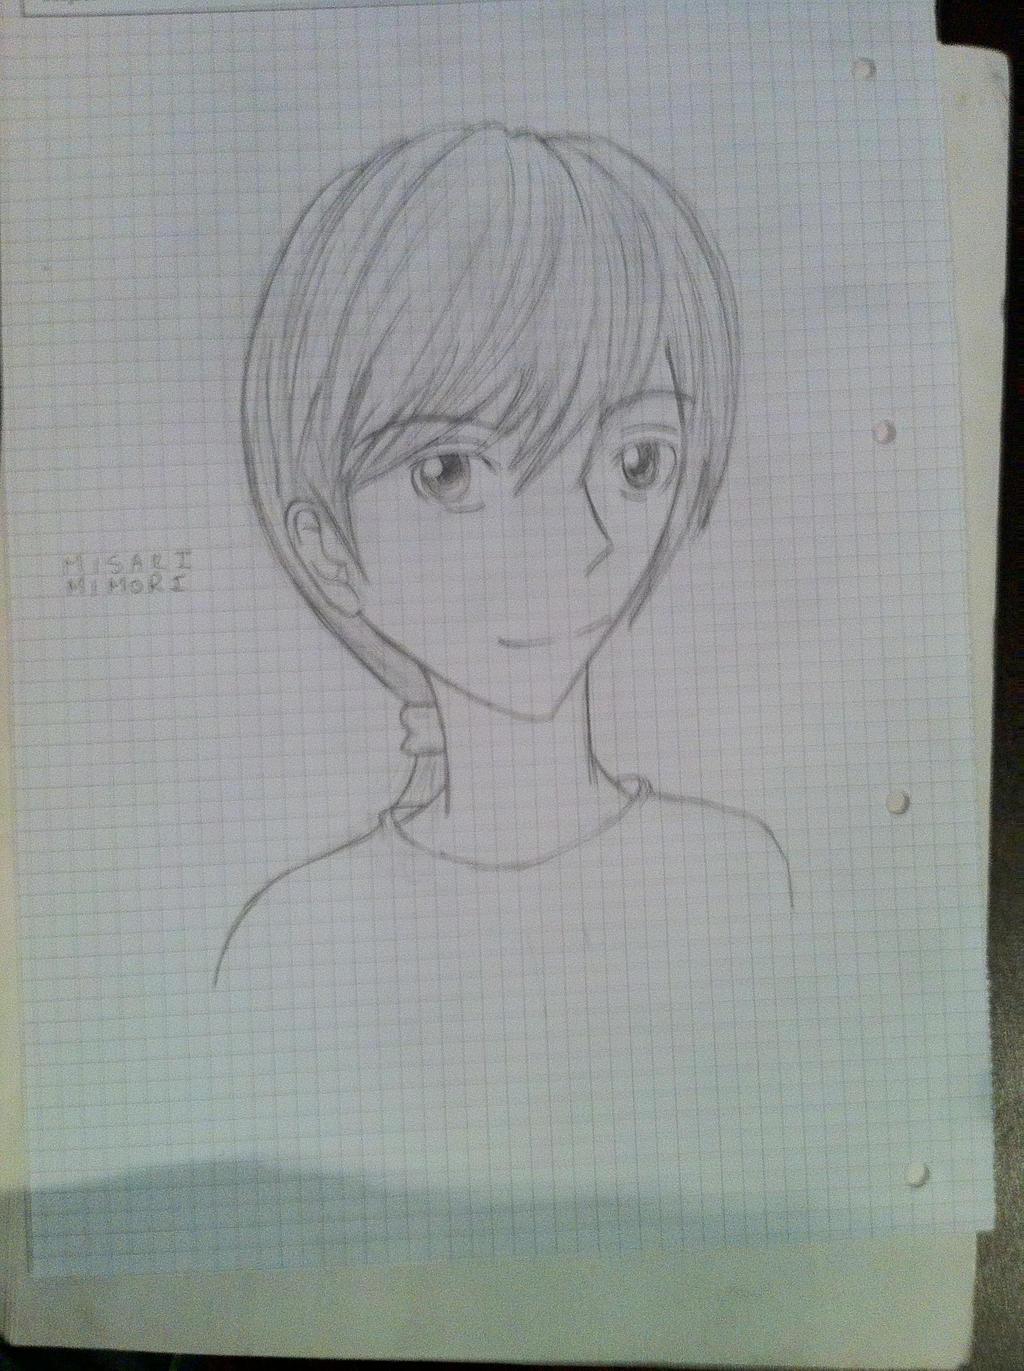 misaki_mimori_by_fullmetal4869-d6u83hn.j